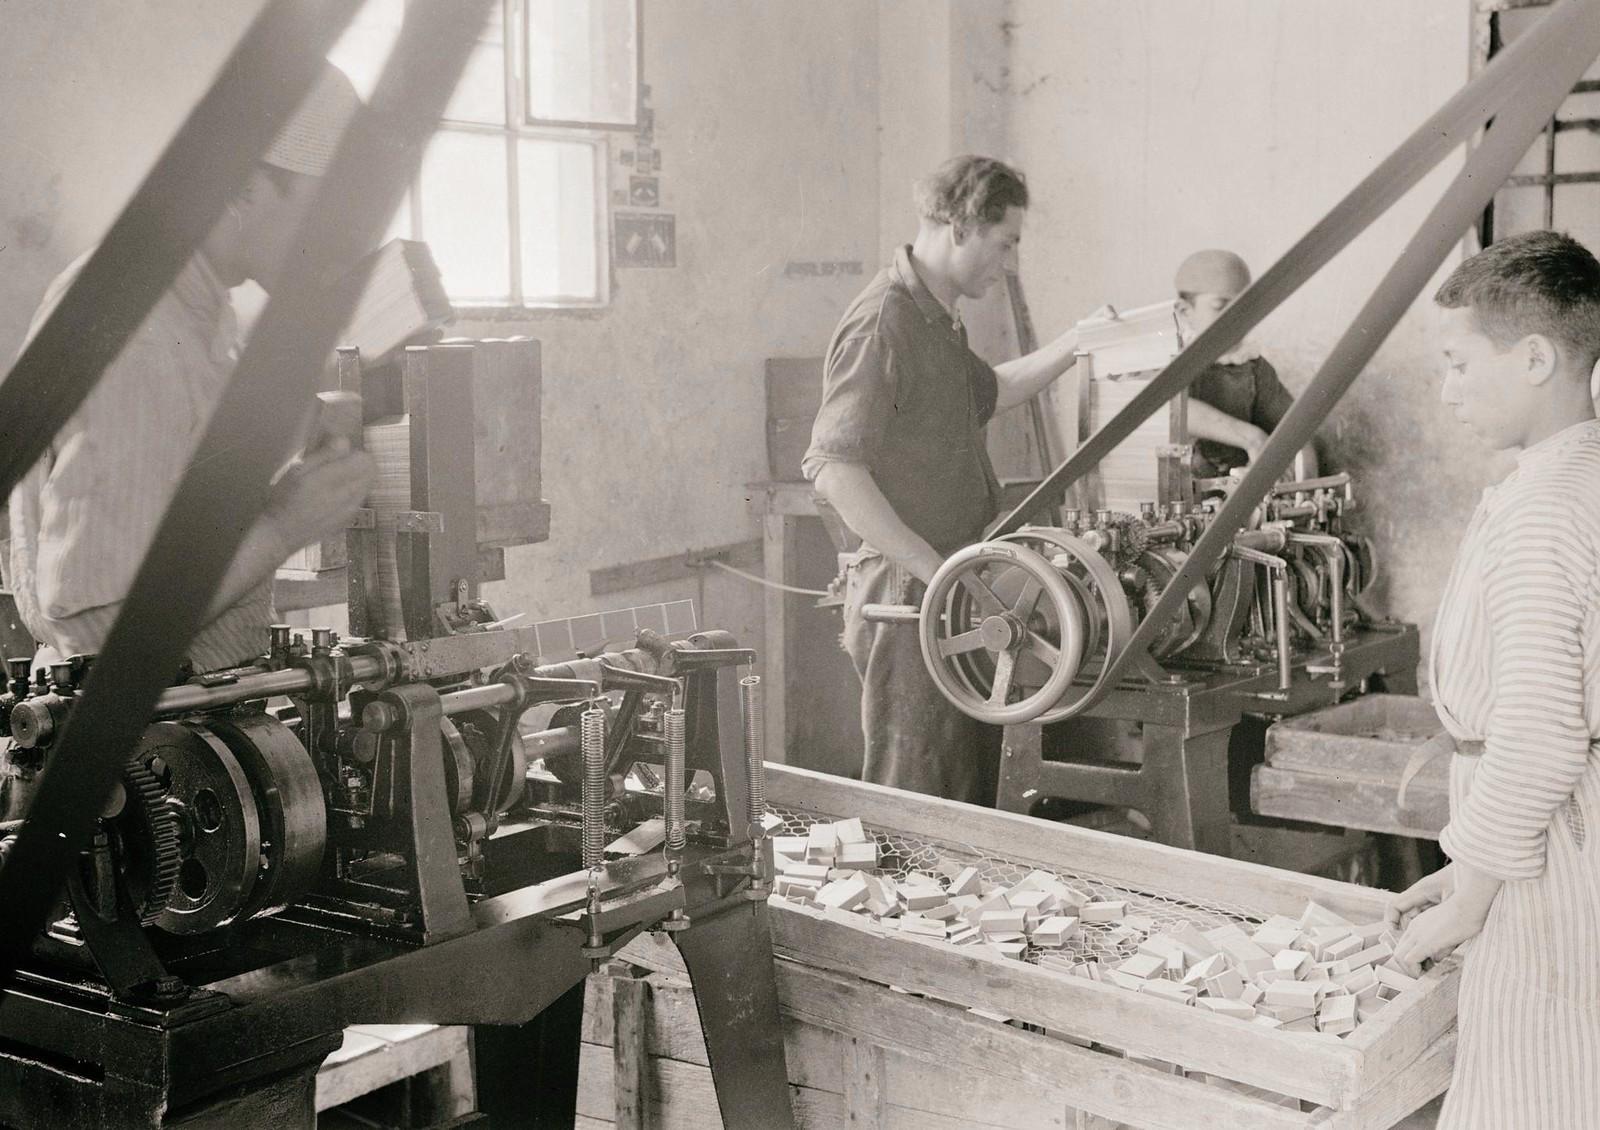 07. 1940. Шхем. Спичечная фабрика. Изготовление спичечных коробок машинным способом